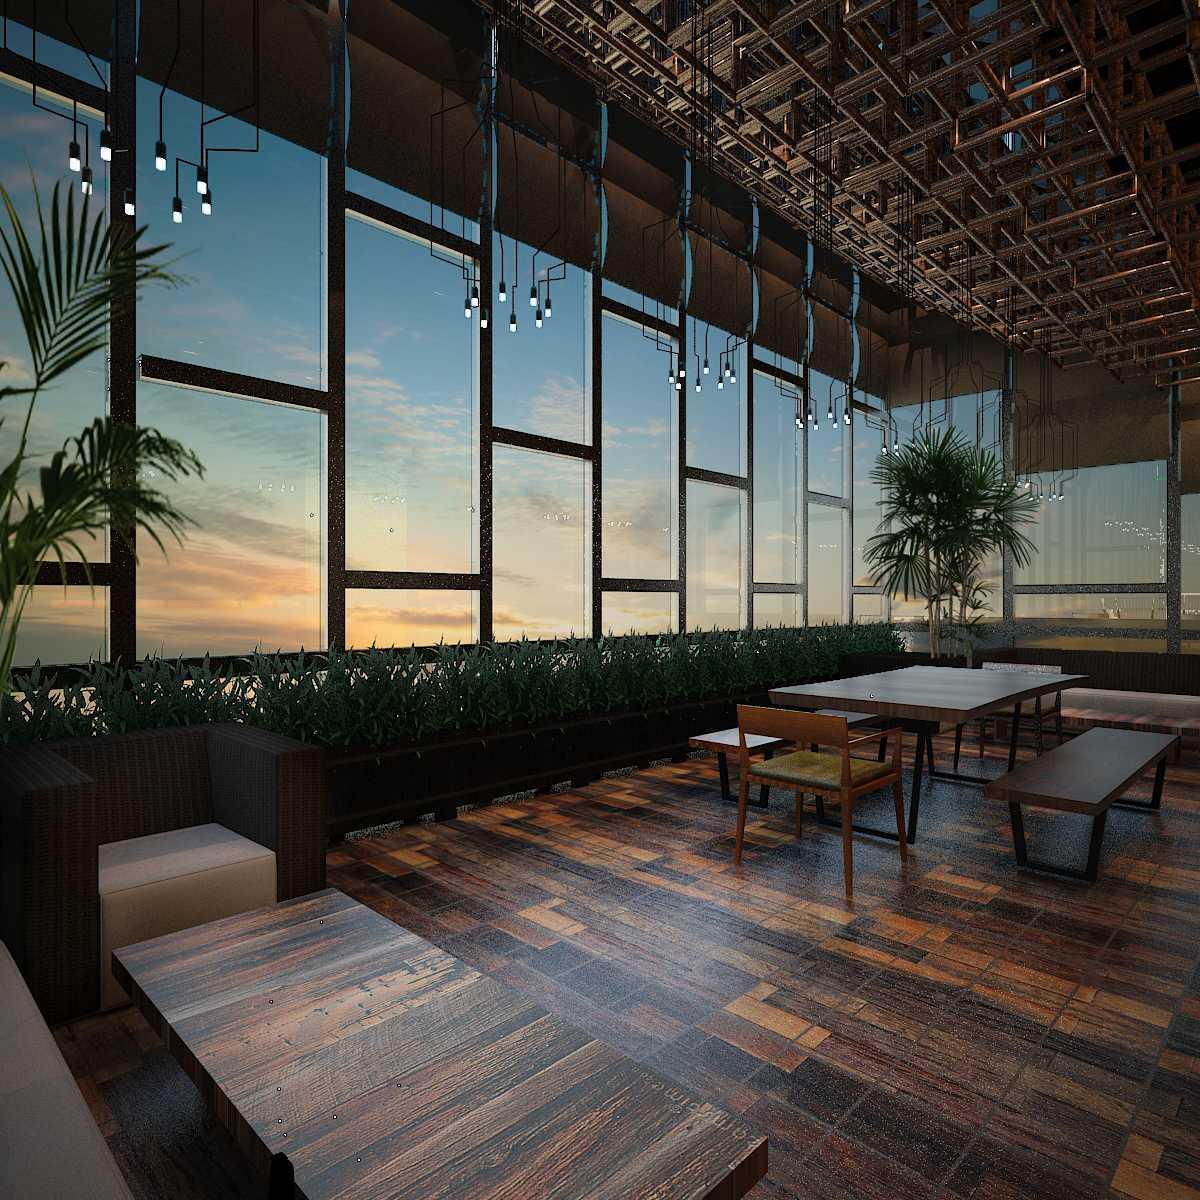 Alradistadesign Camar Lounge Pantai Indah Kapuk Pantai Indah Kapuk Seating Area   24235